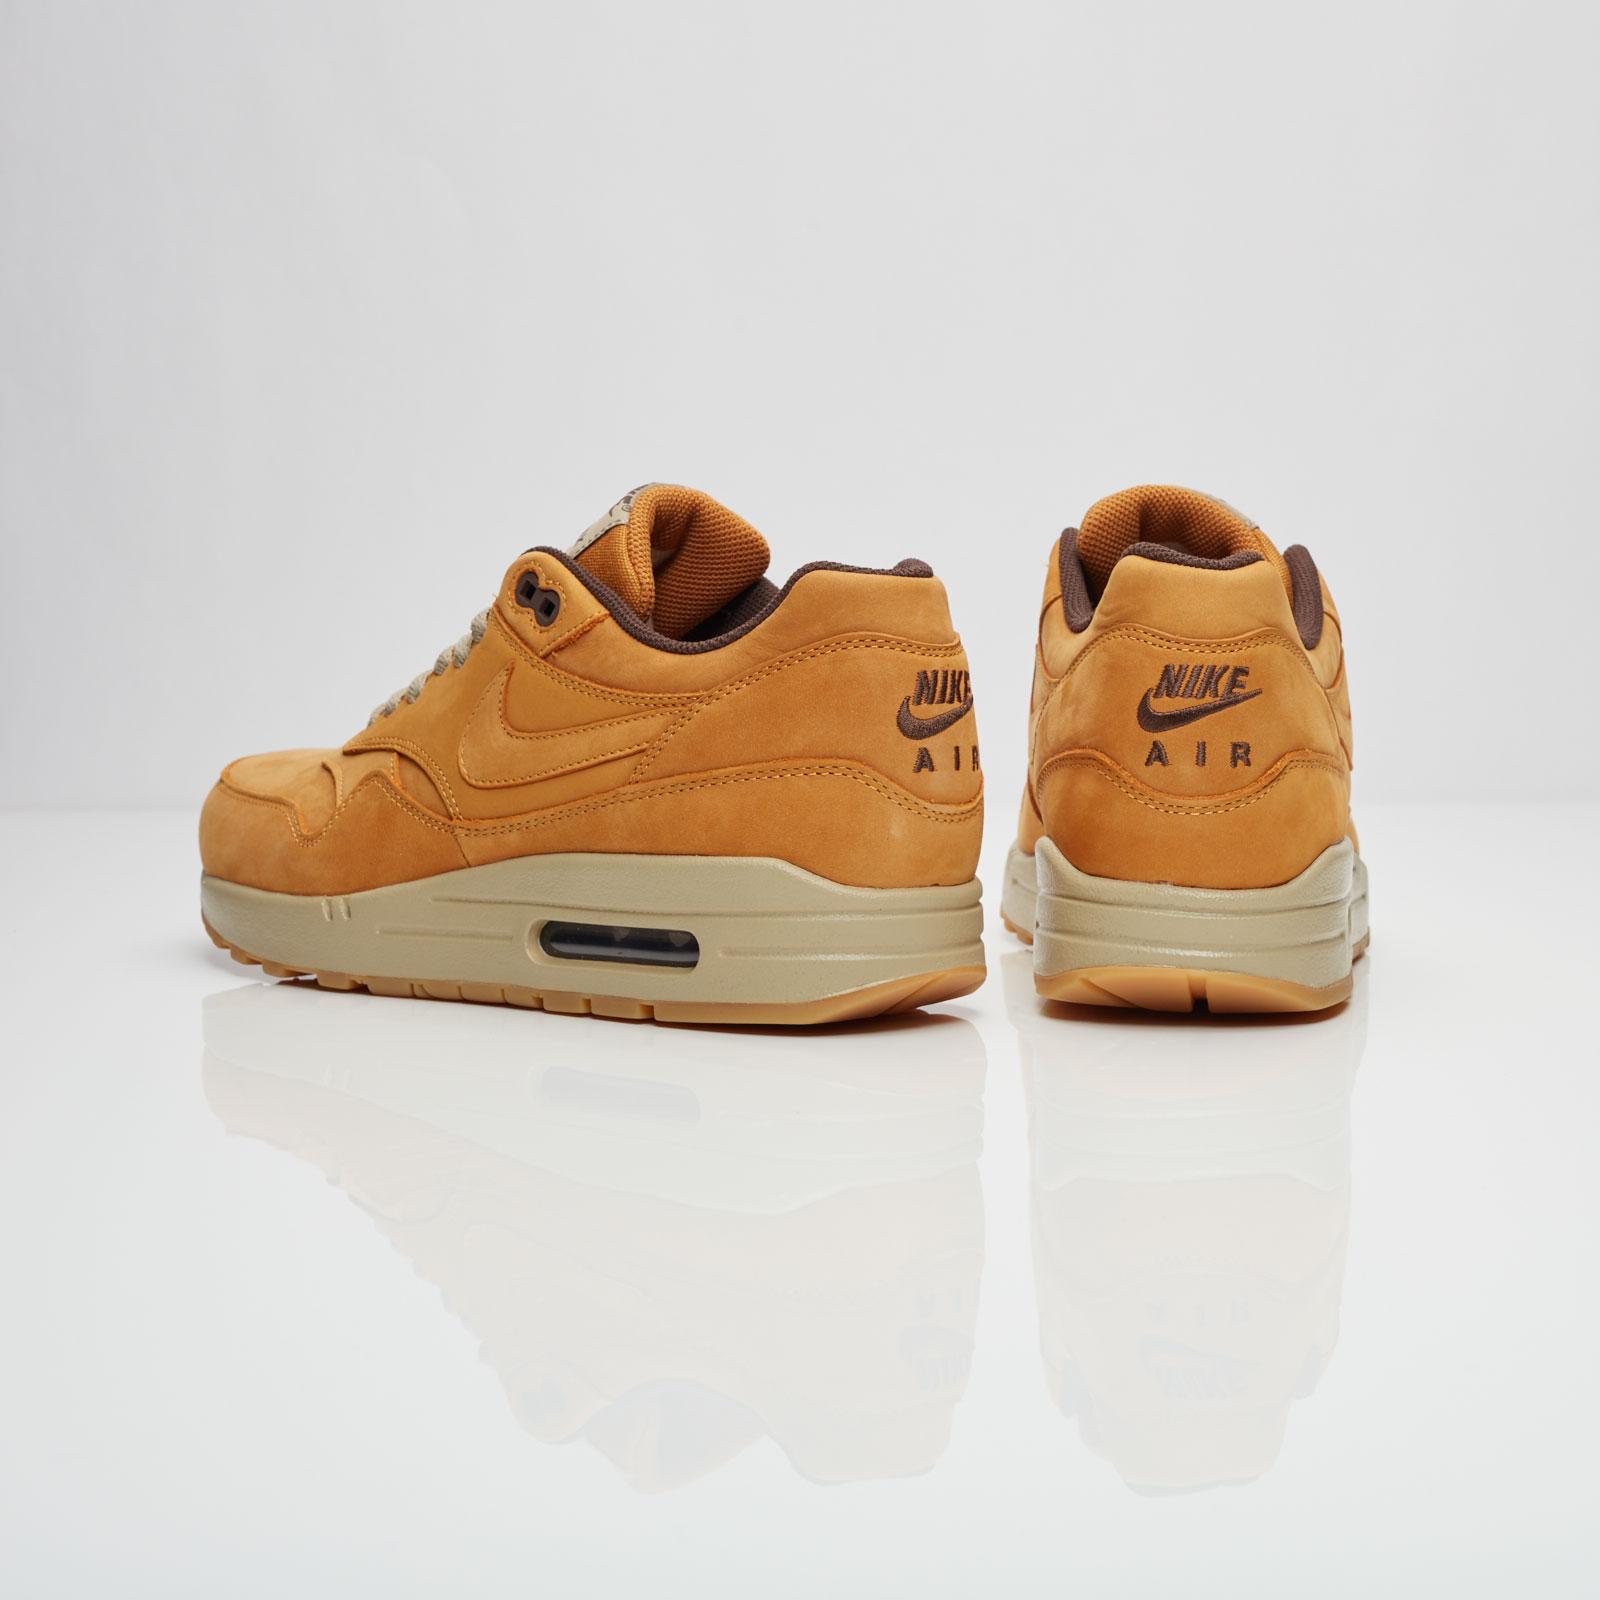 Nike Air Max 1 Leather Premium - 705282-700 - Sneakersnstuff ... 7b63c782b